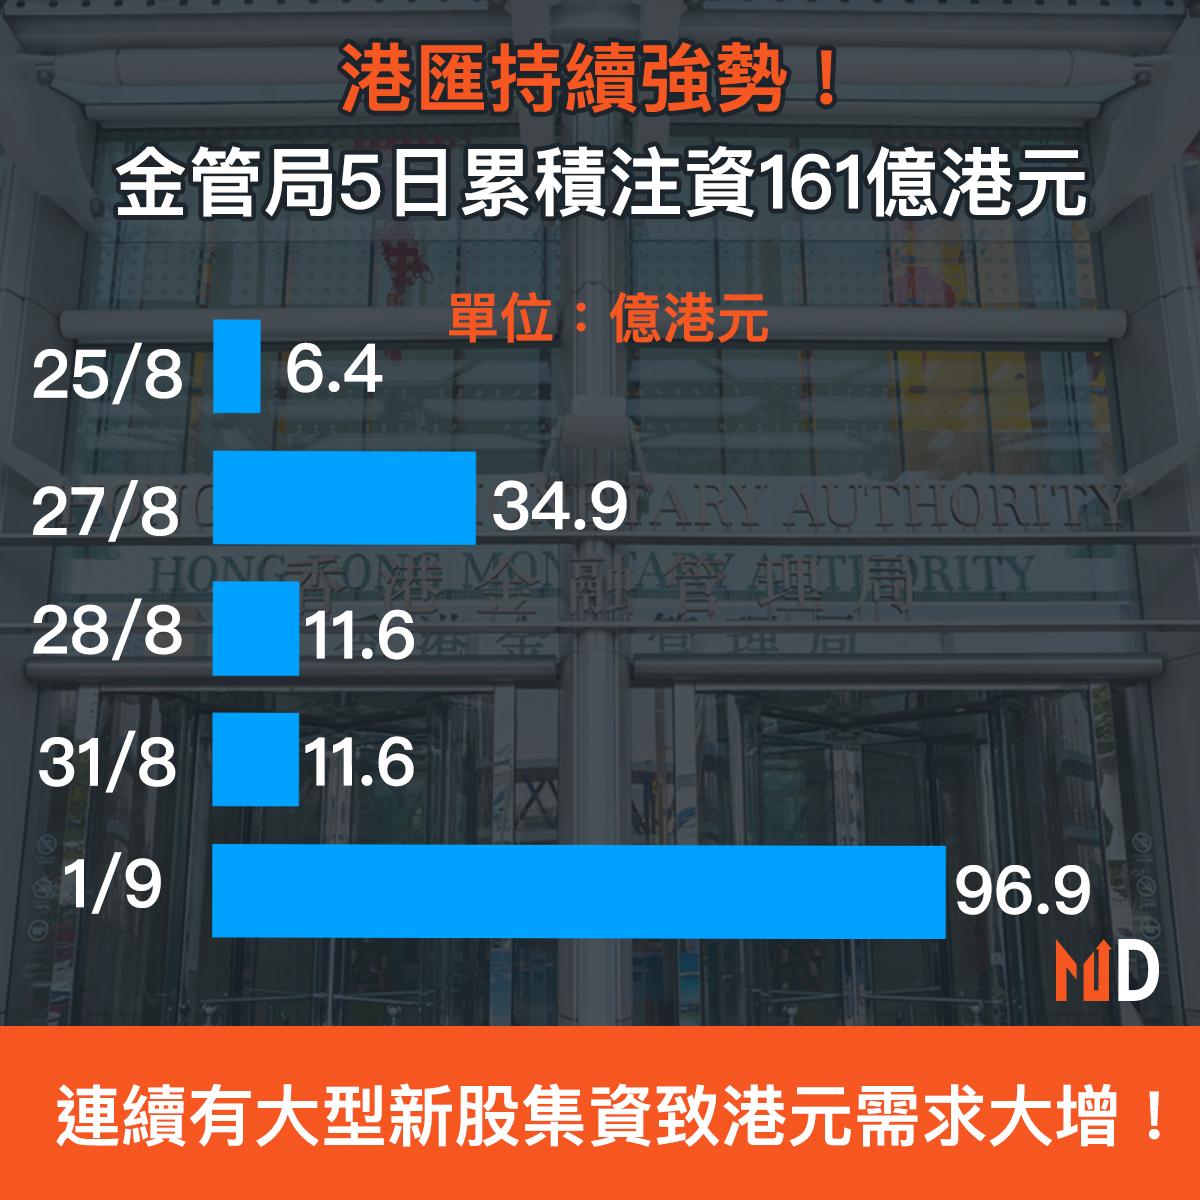 【市場熱話】港匯持續強勢!金管局5日累積注資161億港元